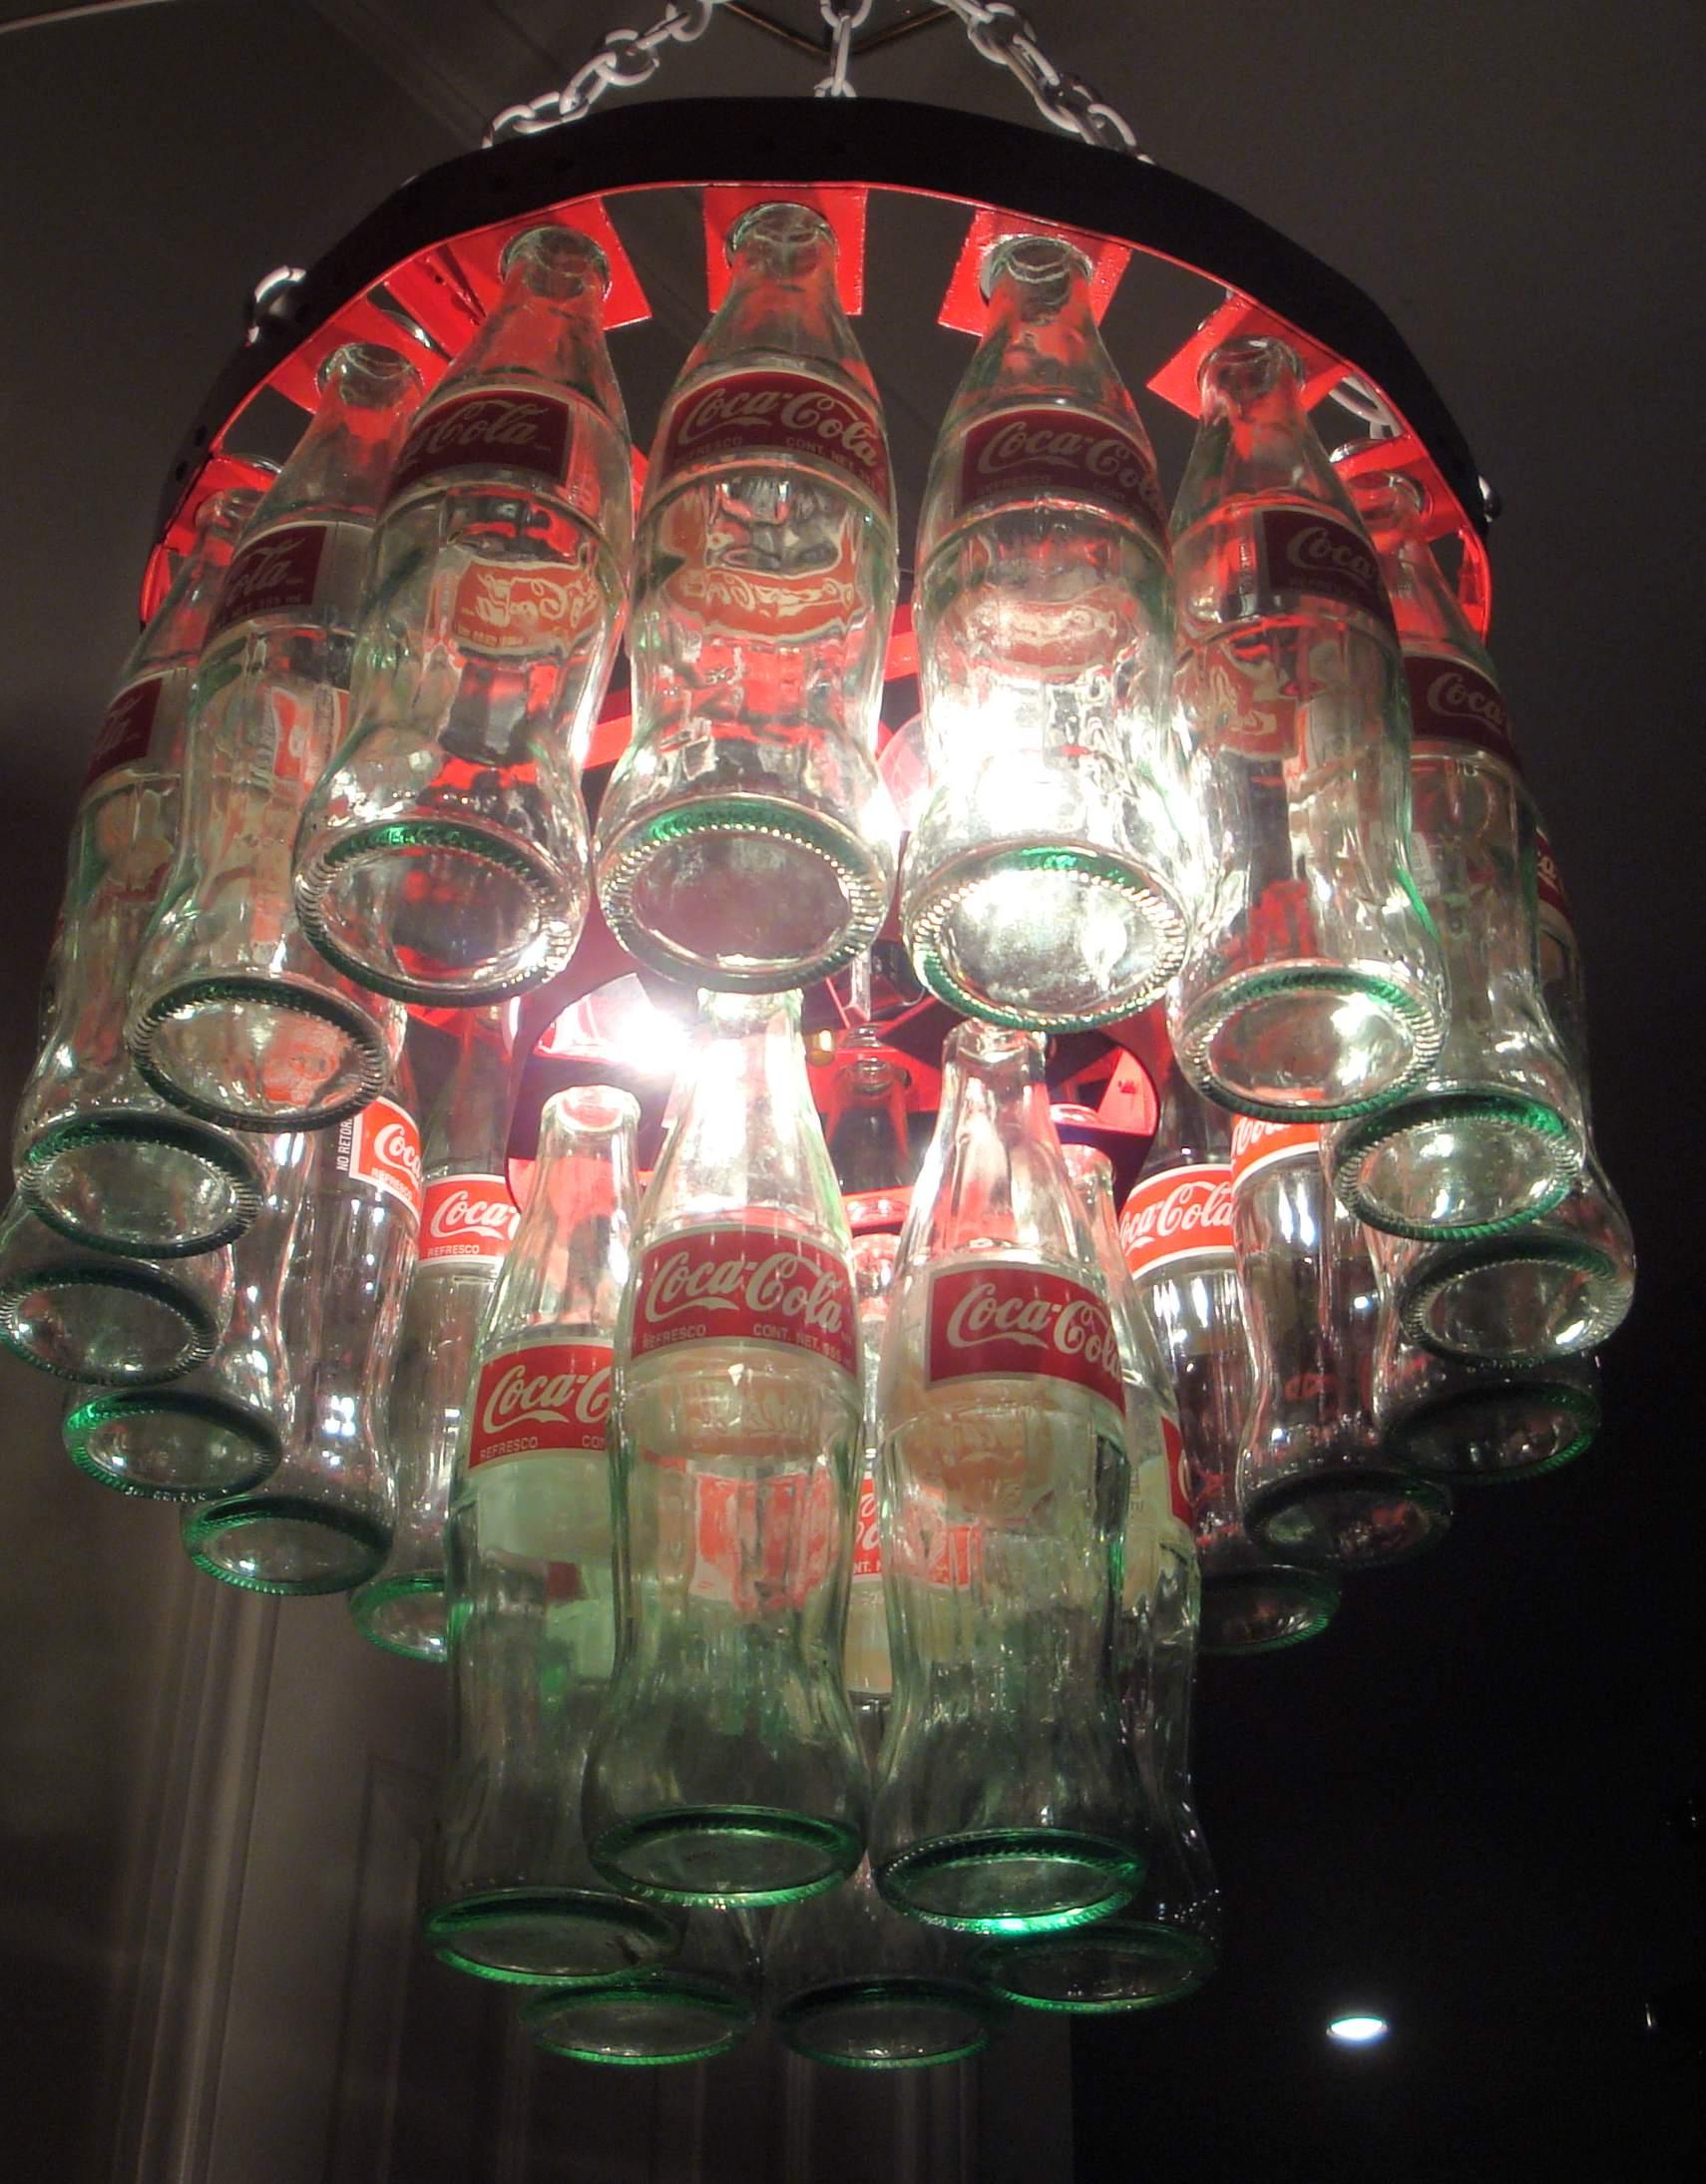 Coke bottle chandelier coke photo 32701442 fanpop for How to make a bottle chandelier